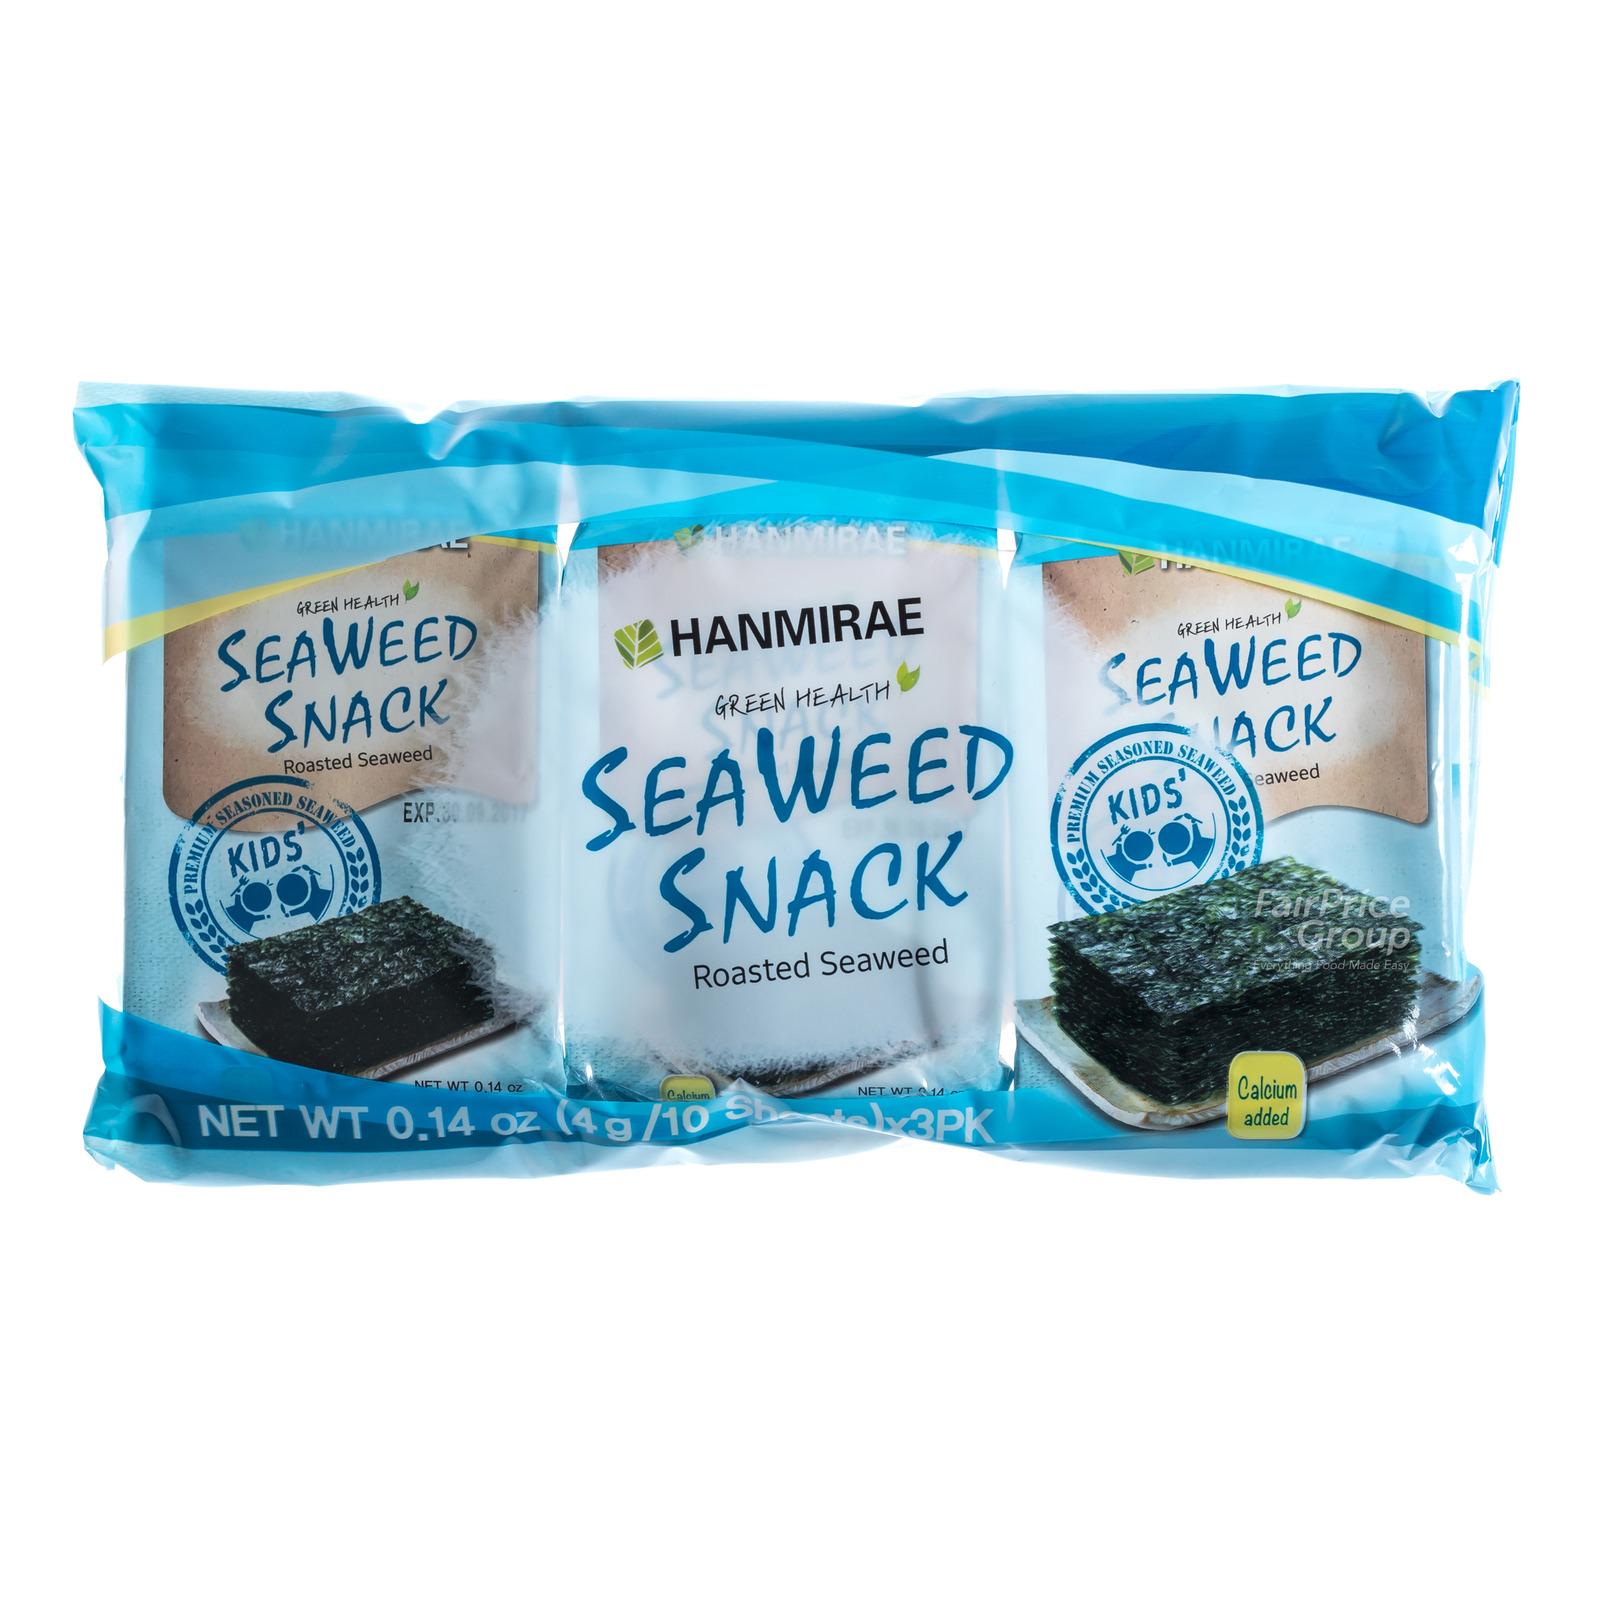 Hanmirae Seaweed Snack - Roasted